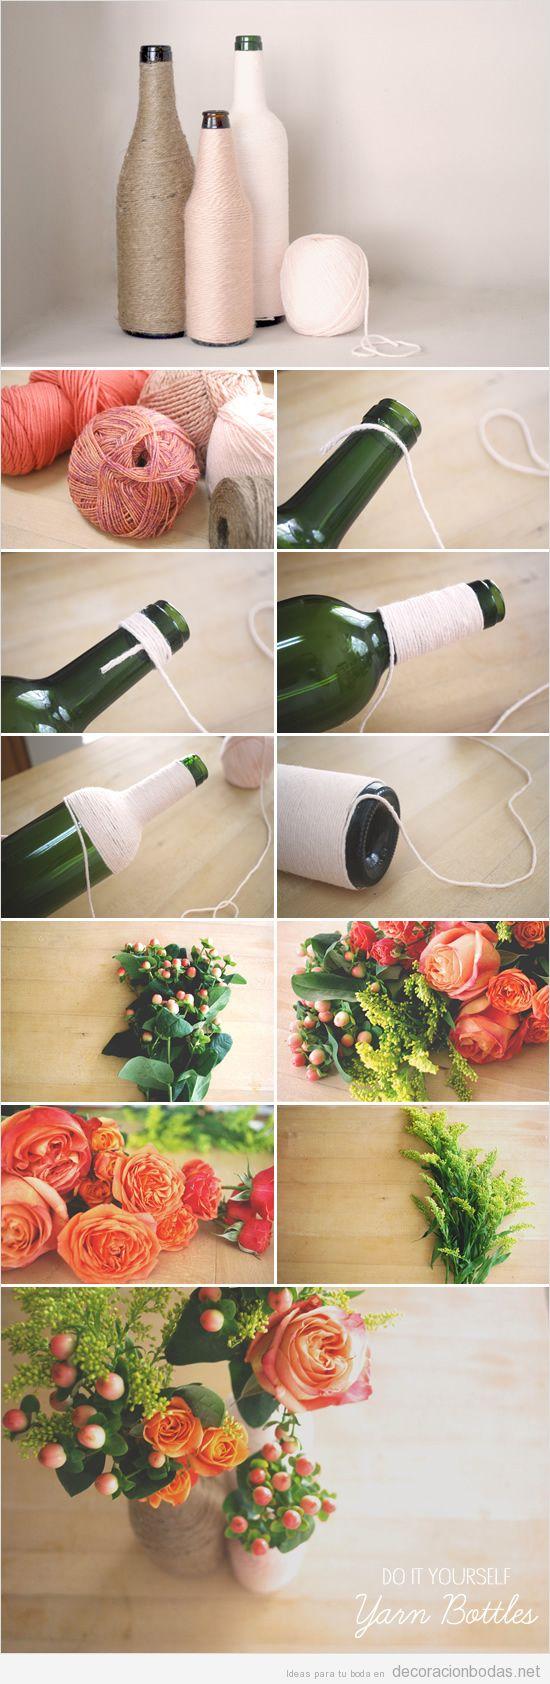 Botellas decoradas con cuerdas de yute o cáñamo, centro de mesa para bodas